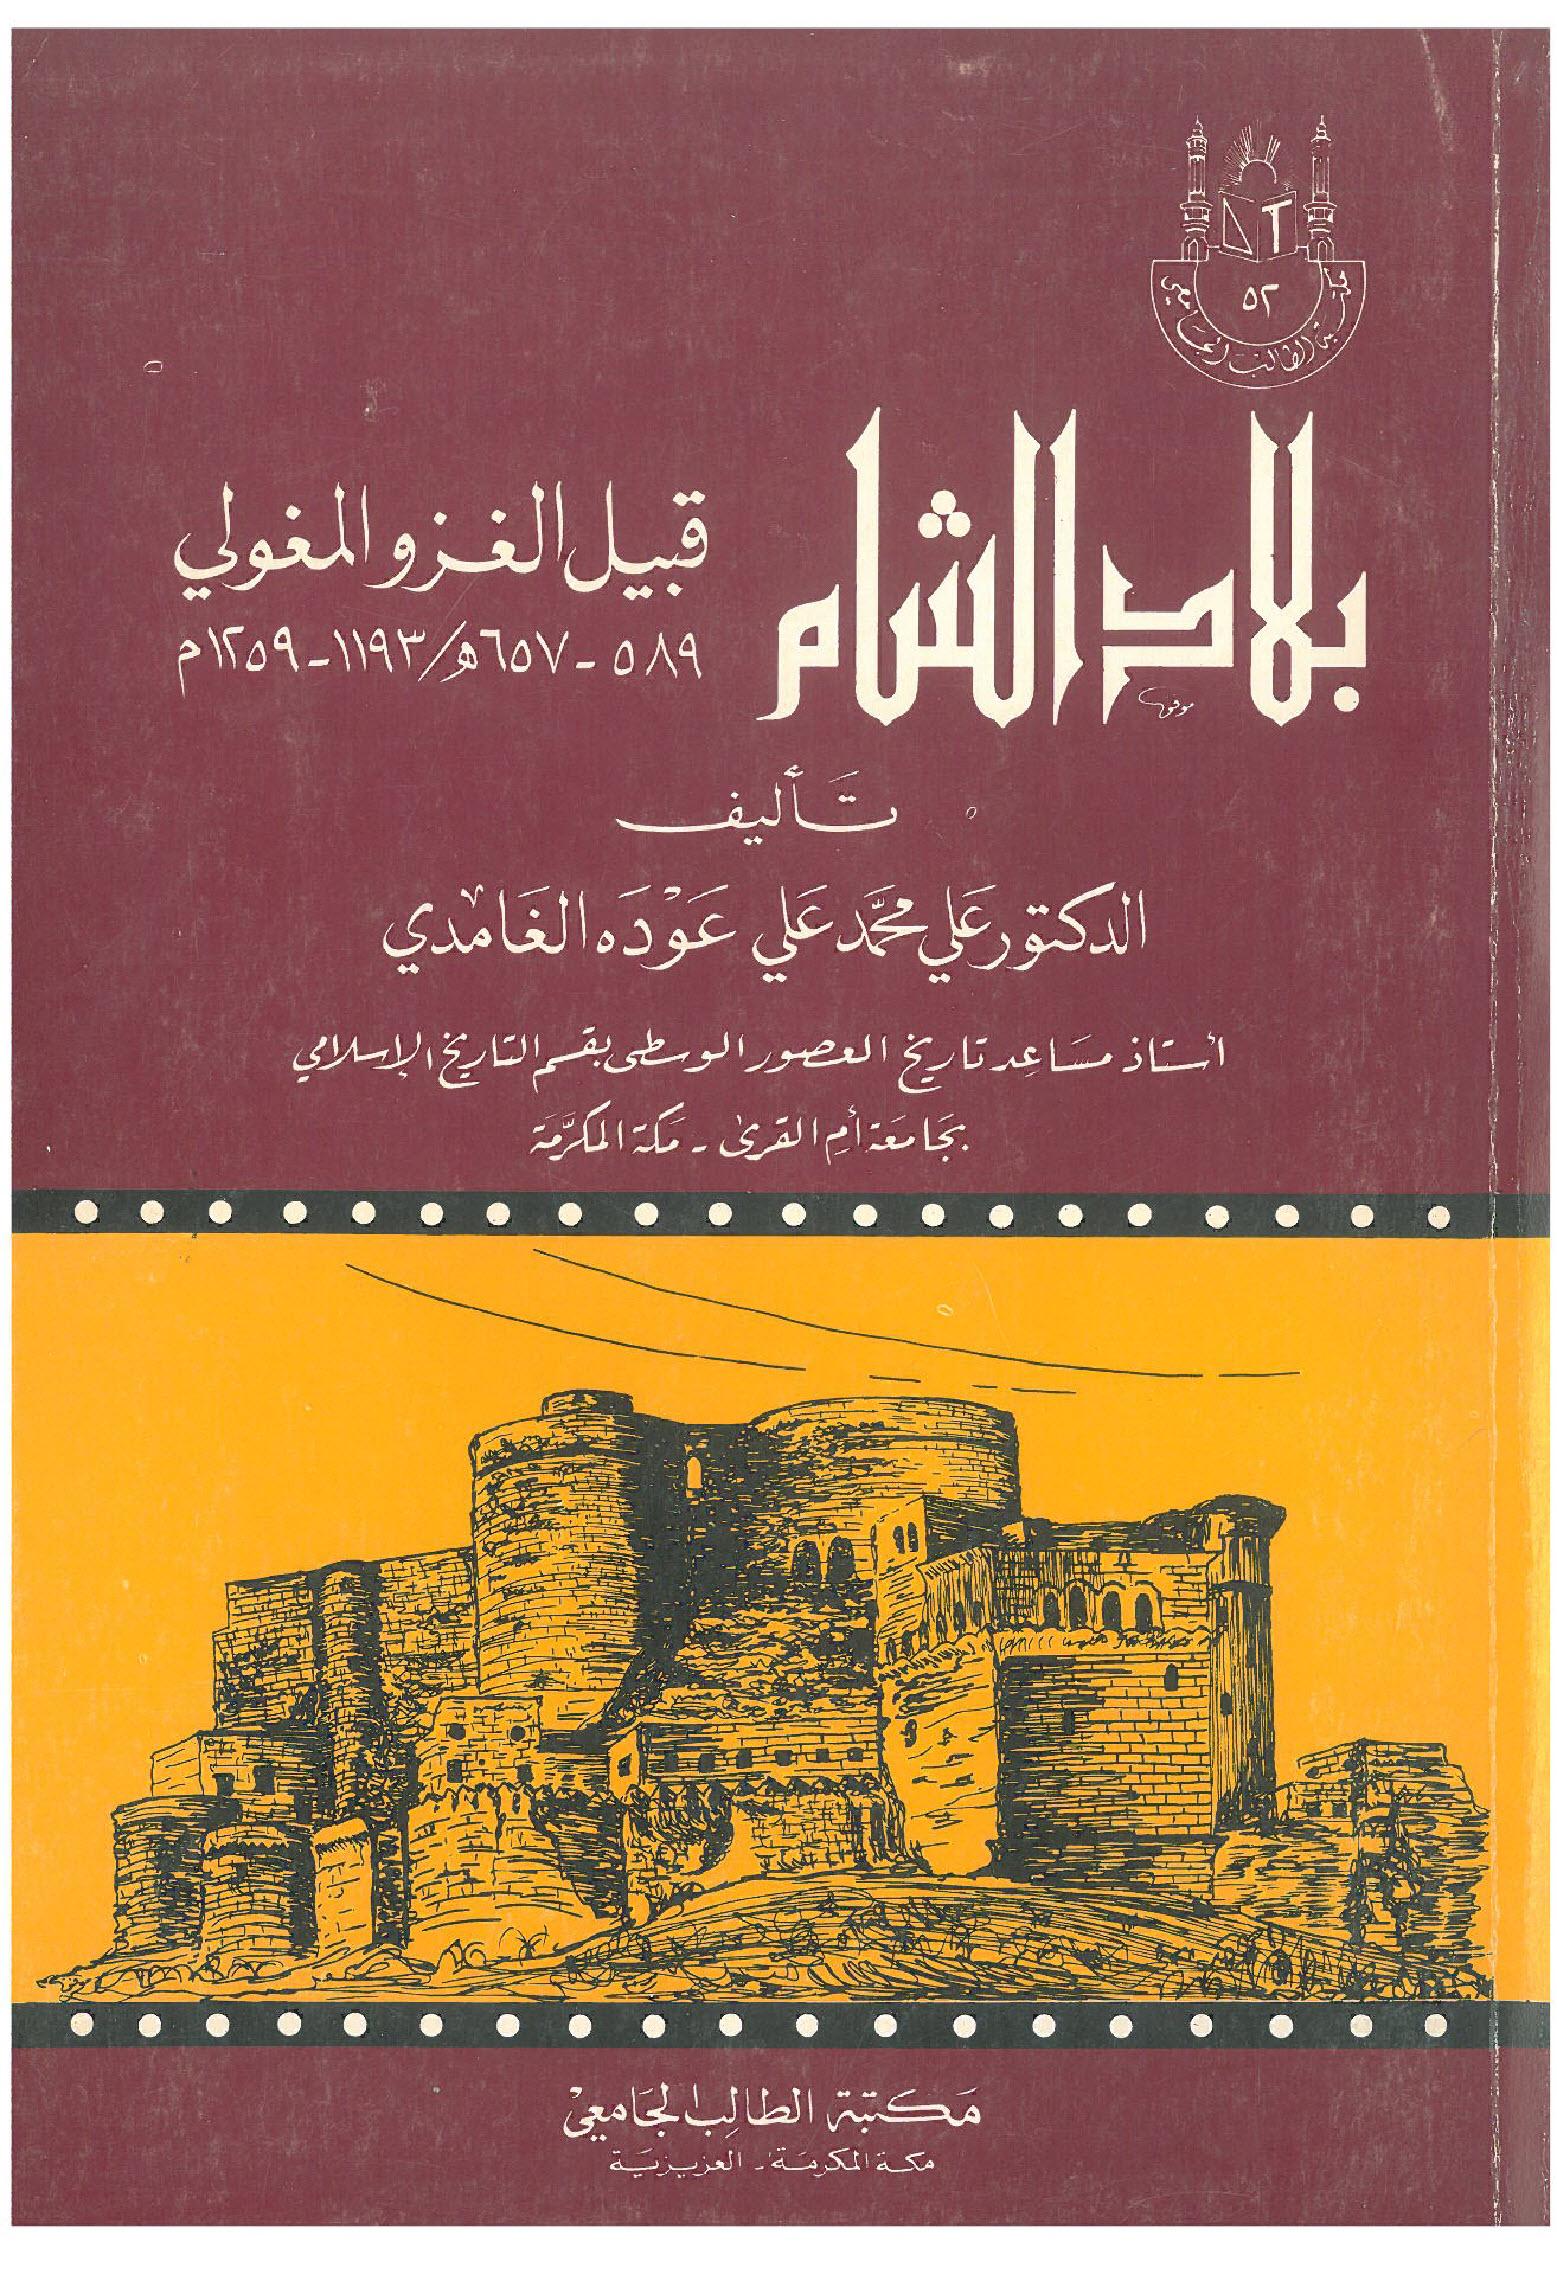 قبيلة خفاجة في بلاد الشام